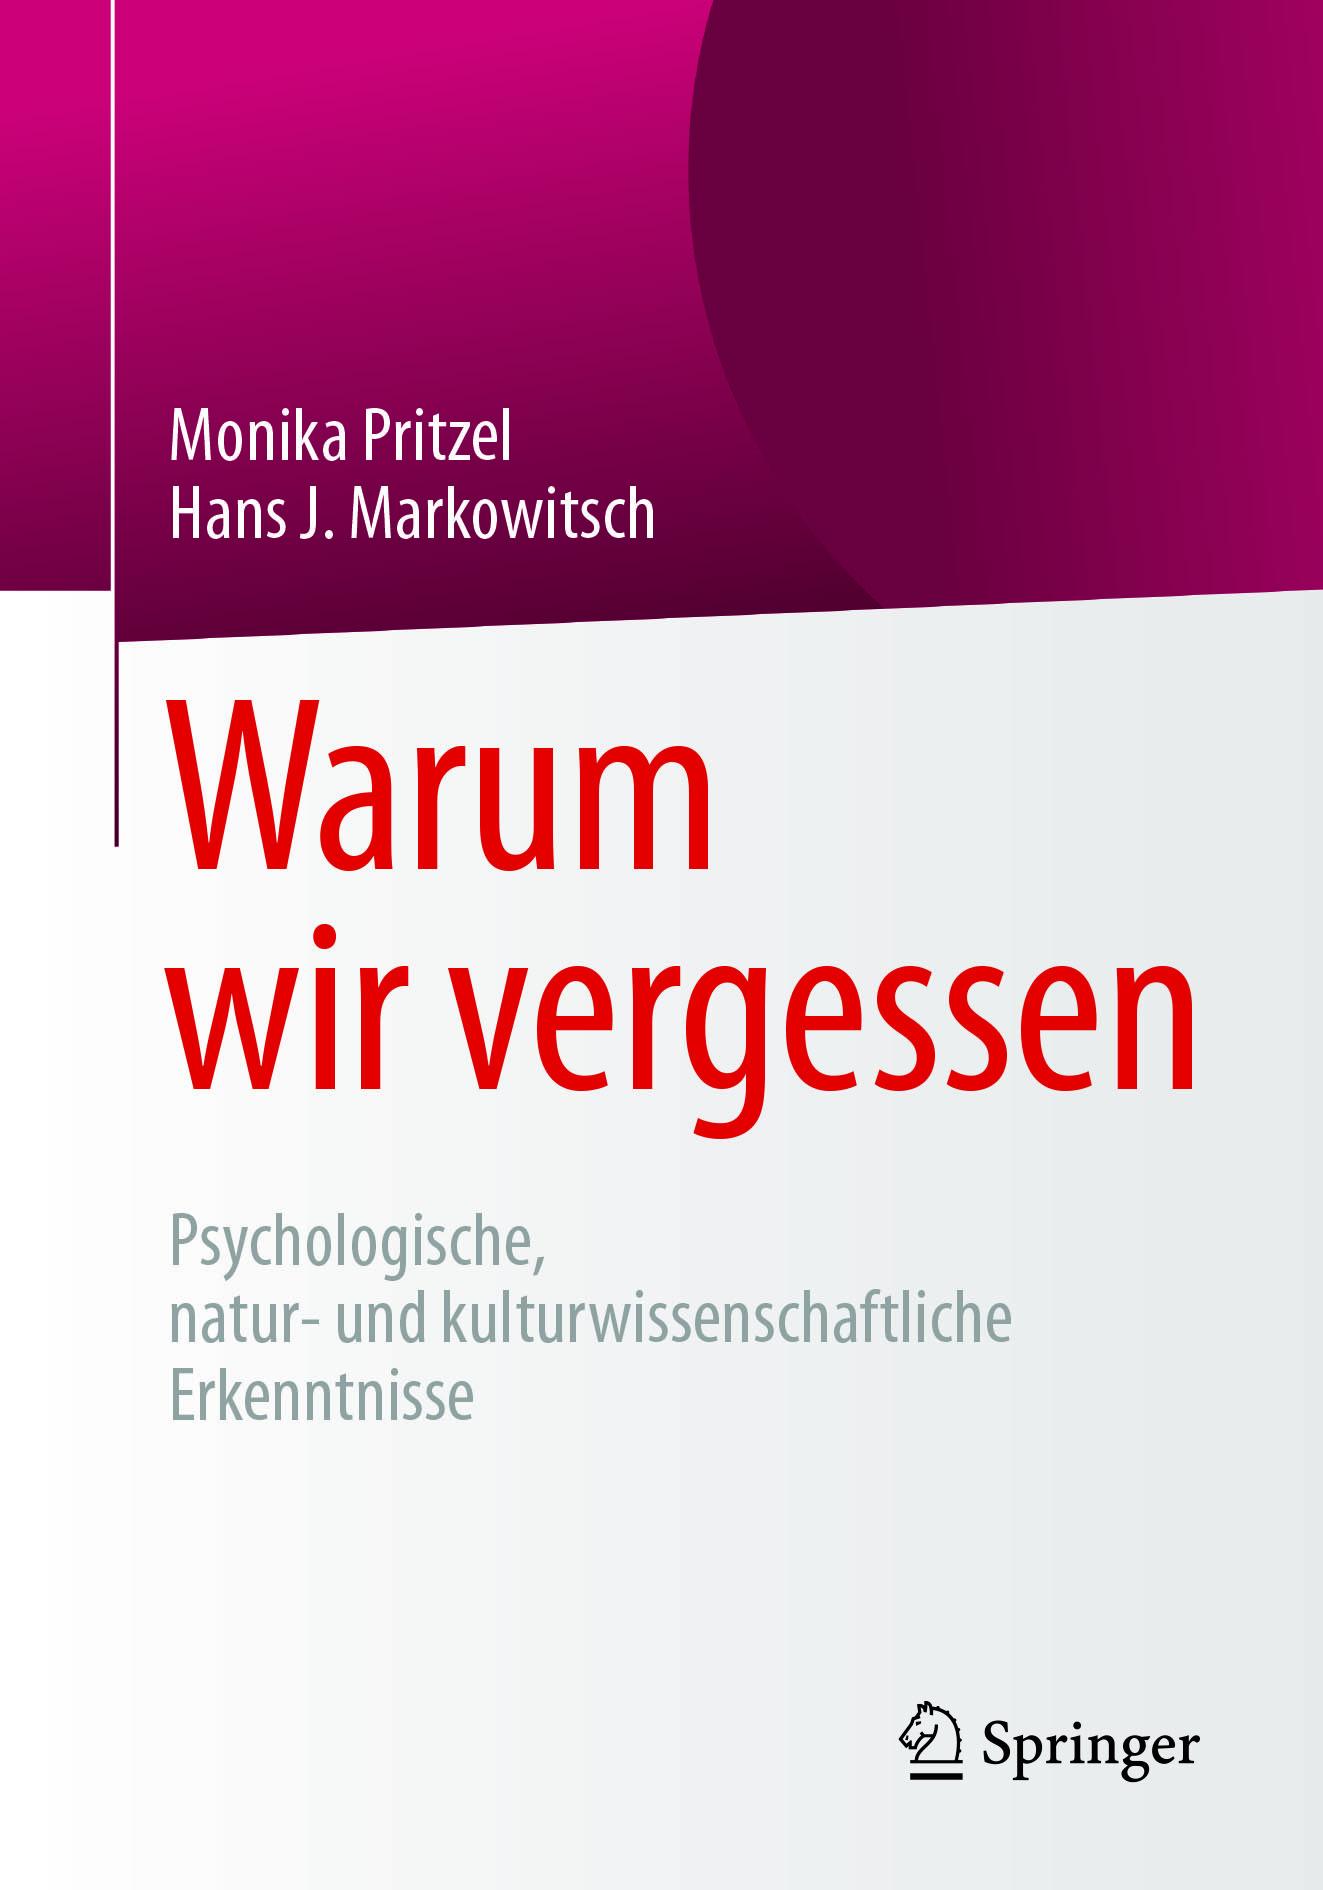 Markowitsch, Hans J. - Warum wir vergessen, ebook